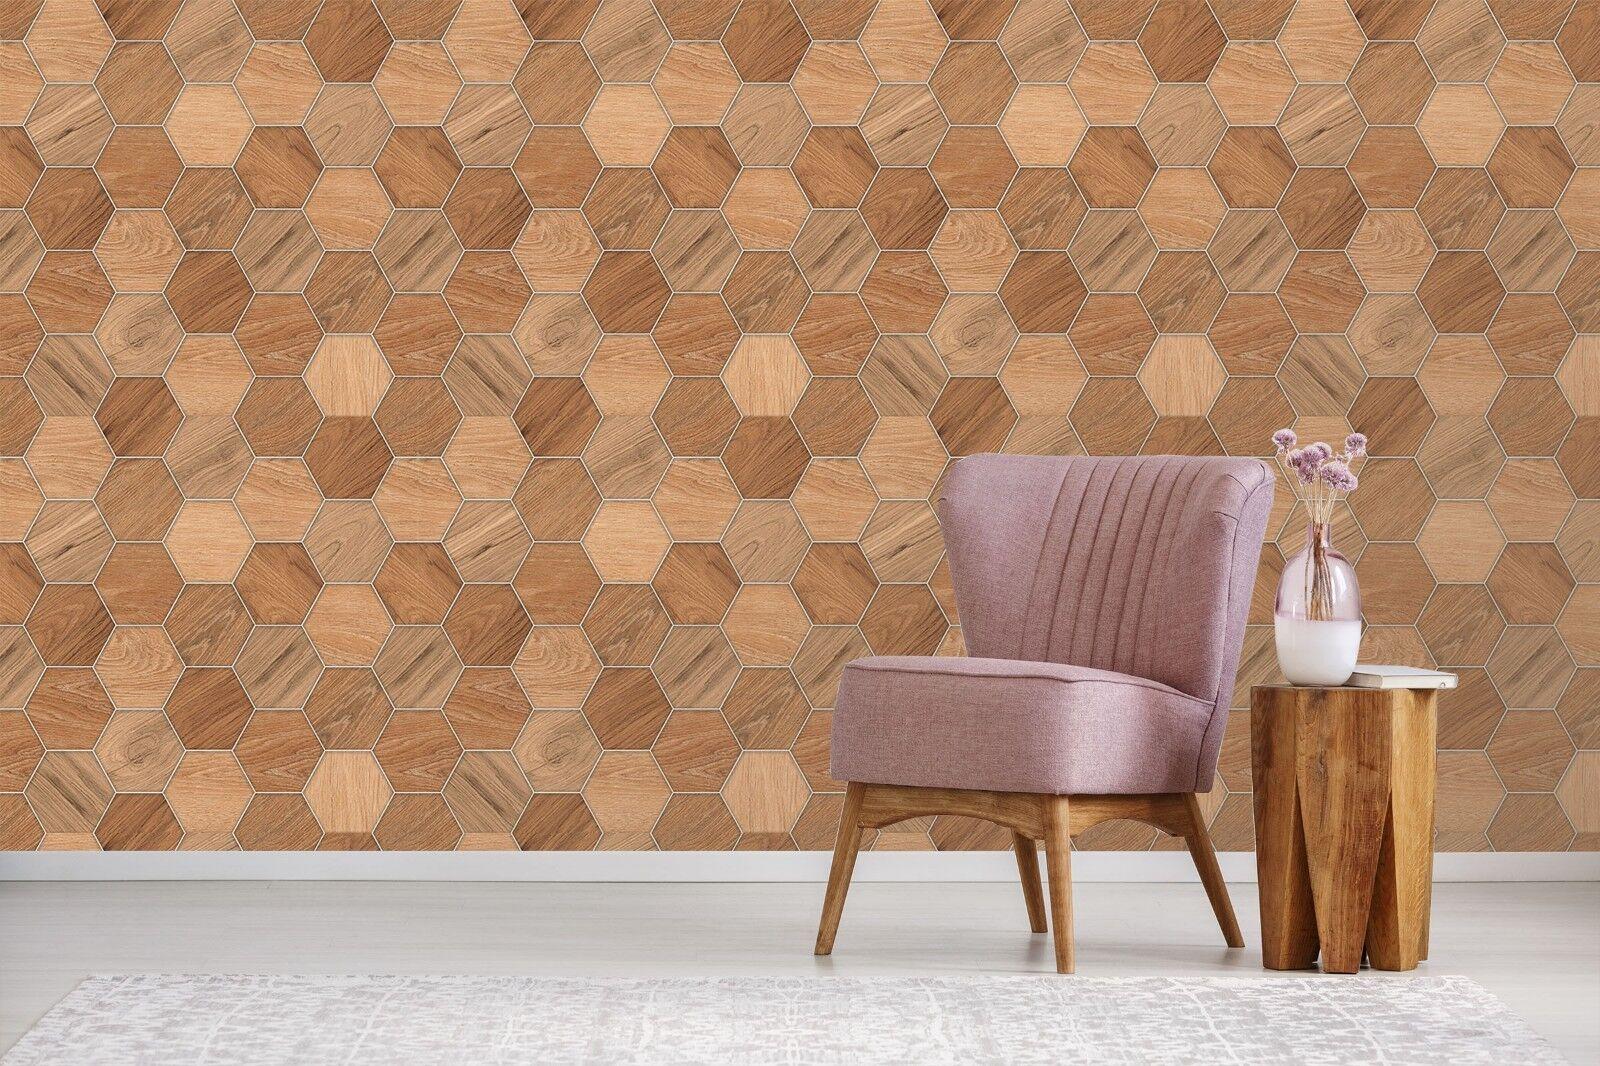 3d Hexagonal Wall Braun Wood 3 Texture Tiles Marble Wall Hexagonal